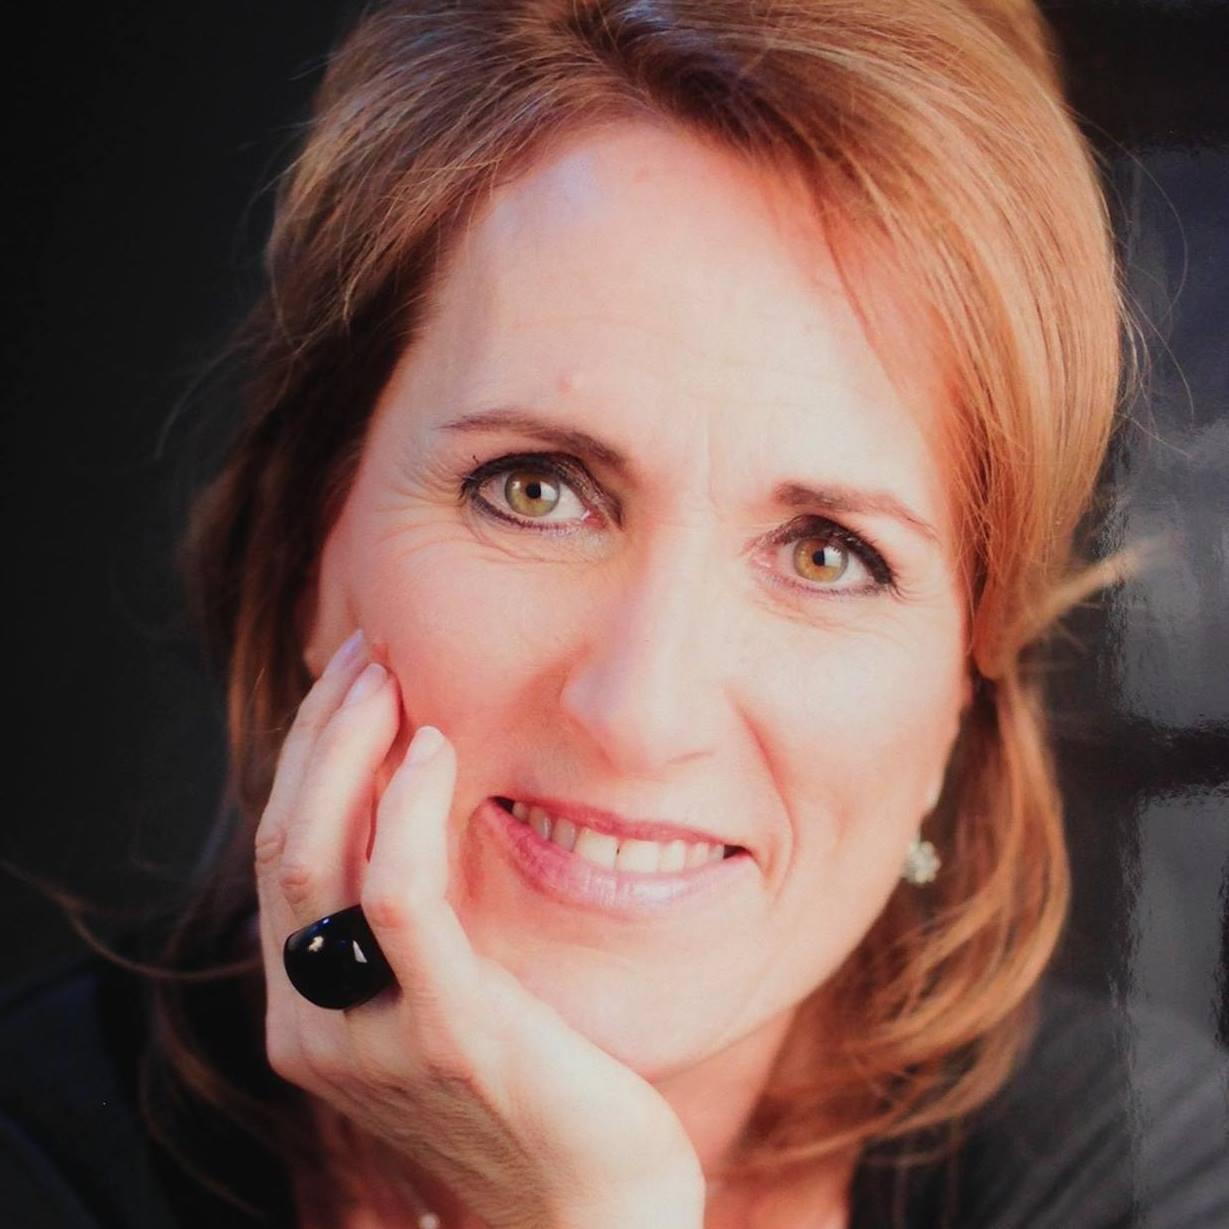 Corinne Jimenez-Gaidot